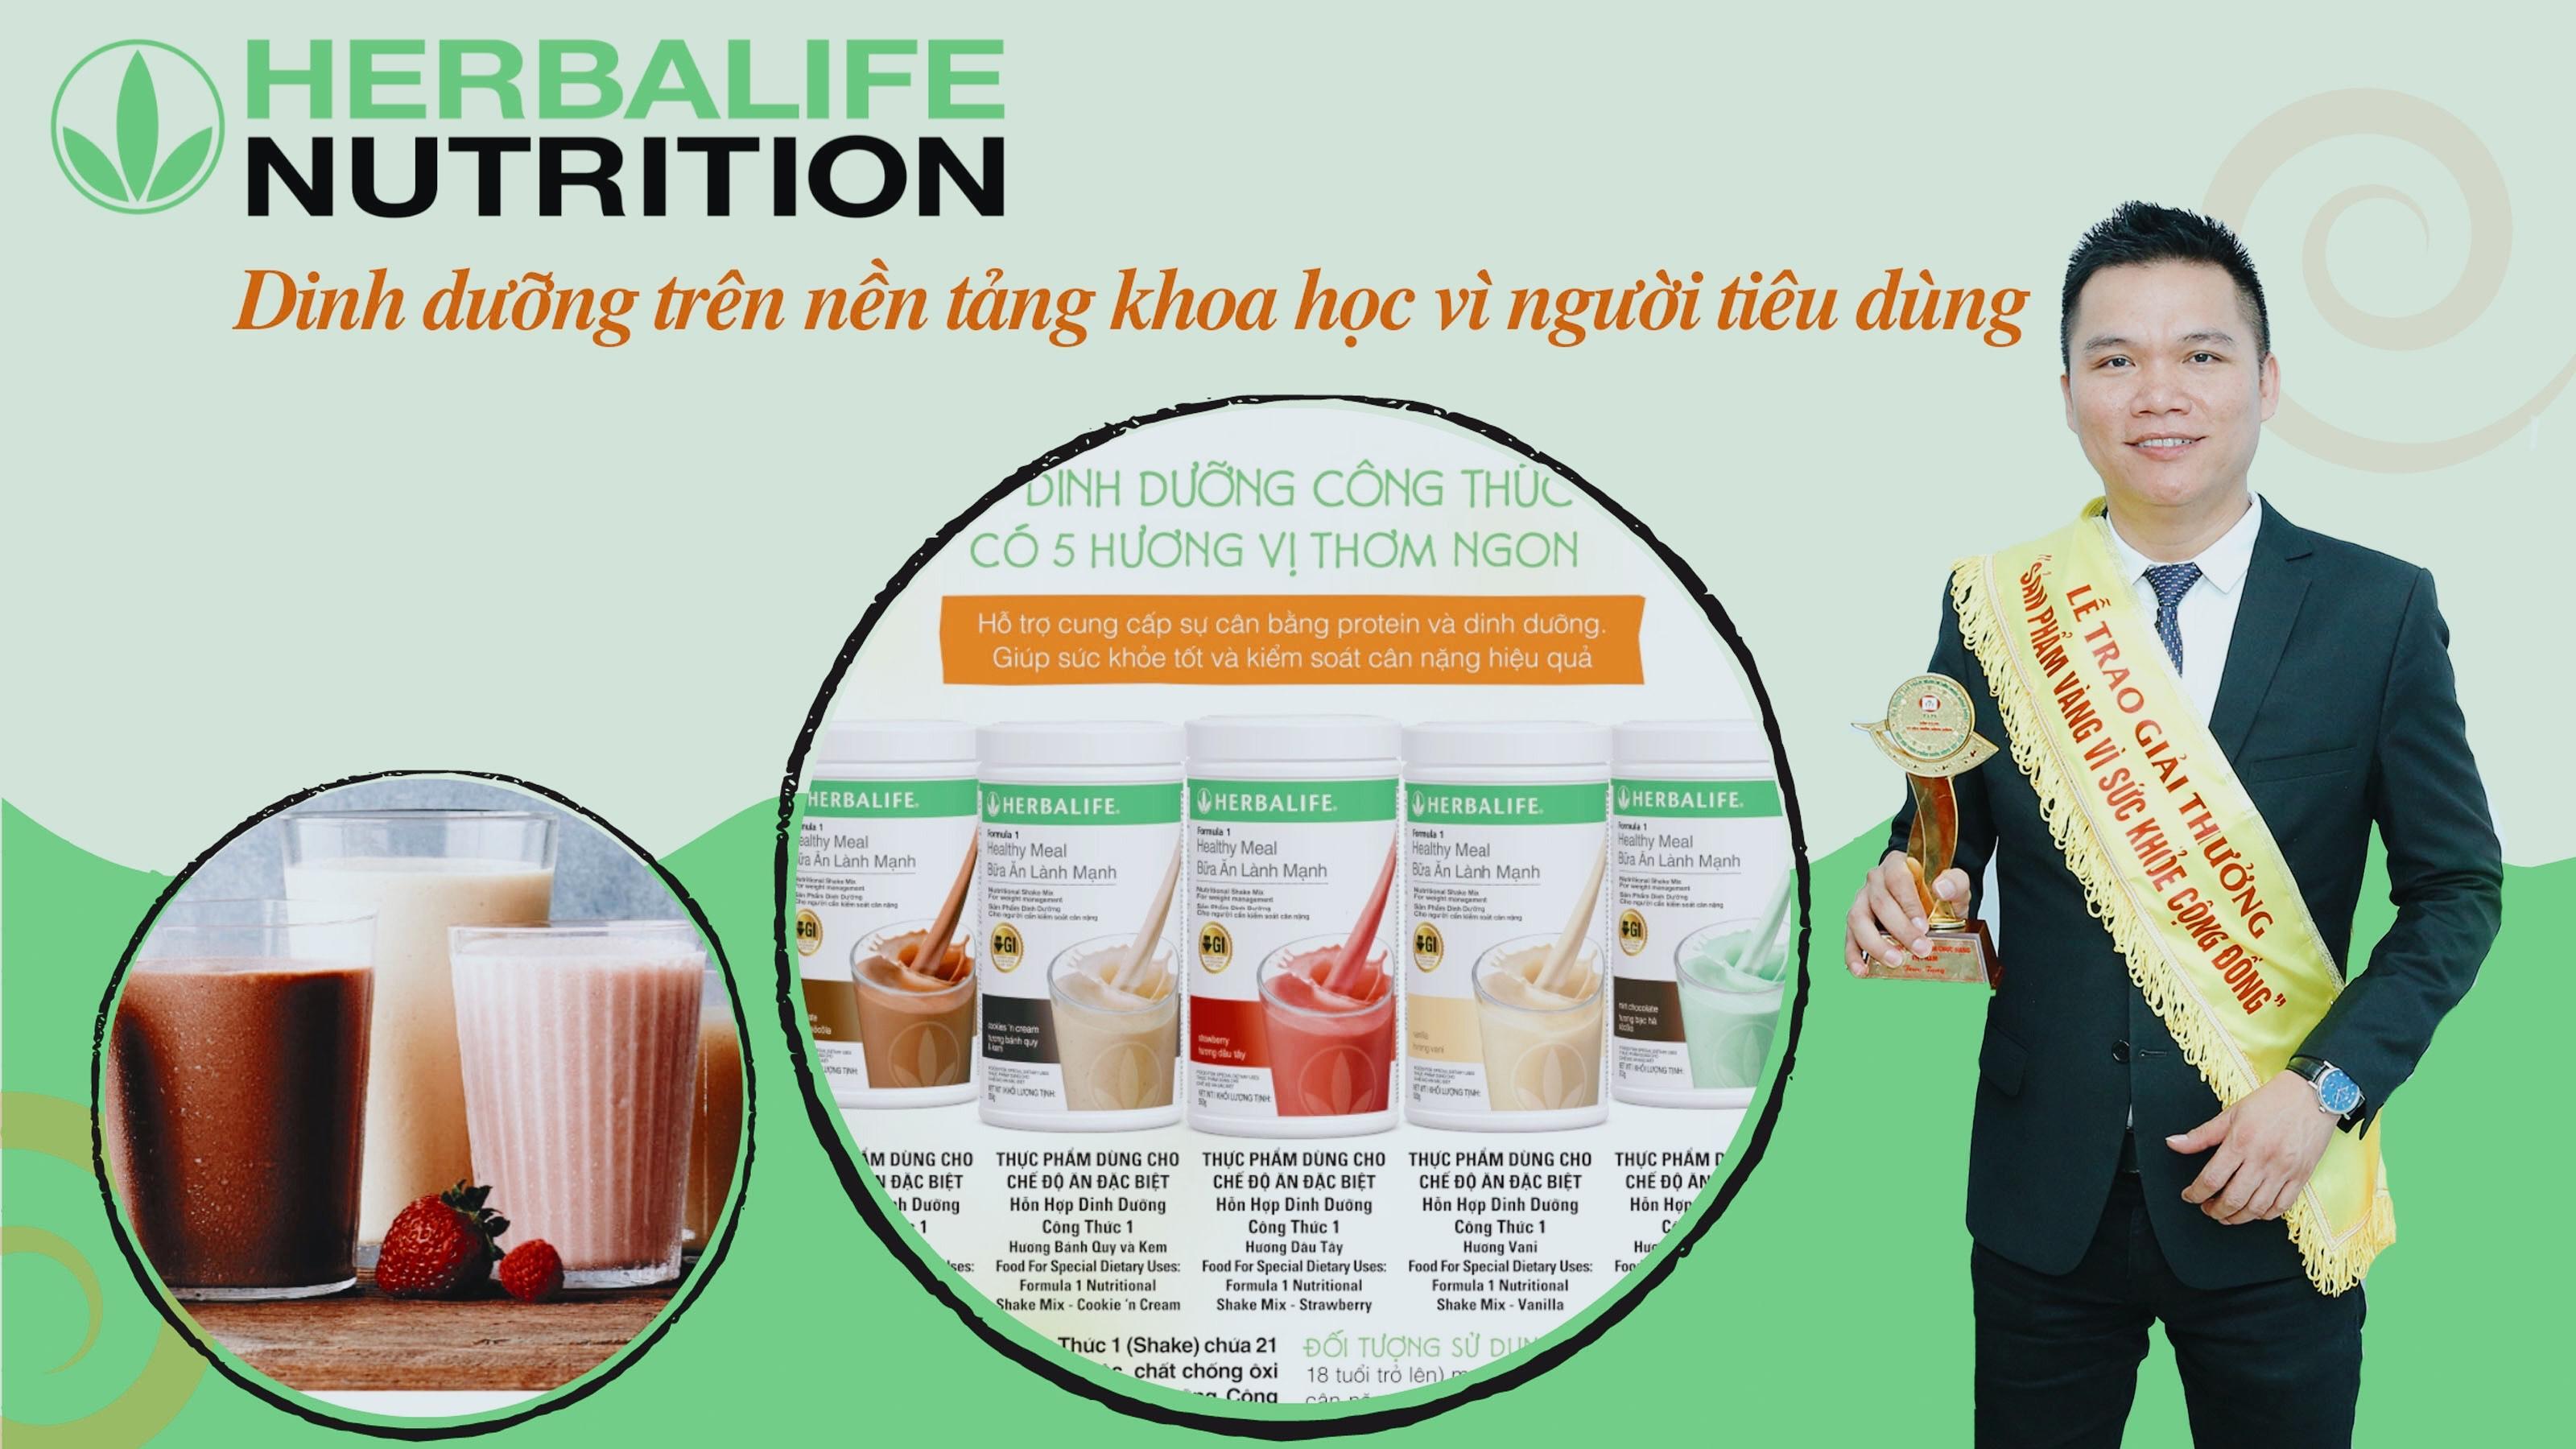 Herbalife Nutrition: Dinh dưỡng trên nền tảng khoa học vì người tiêu dùng